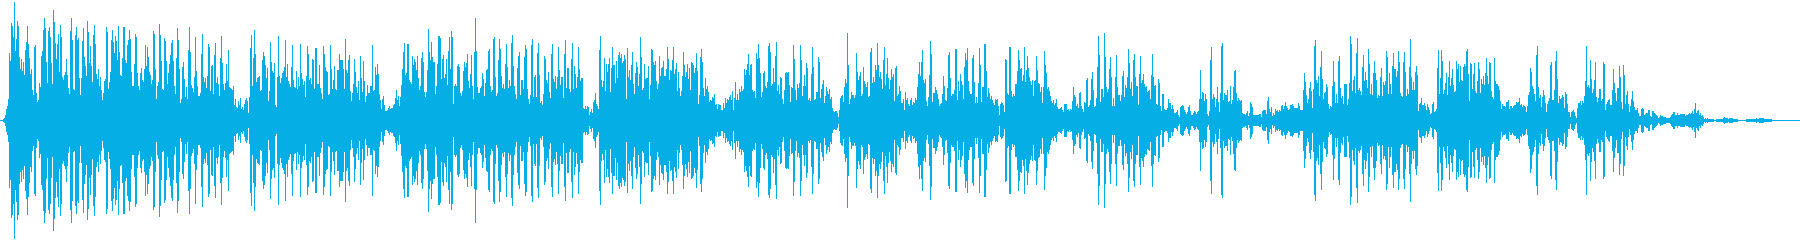 弱々しい成長の邪悪な&超自然的な声の再生済みの波形